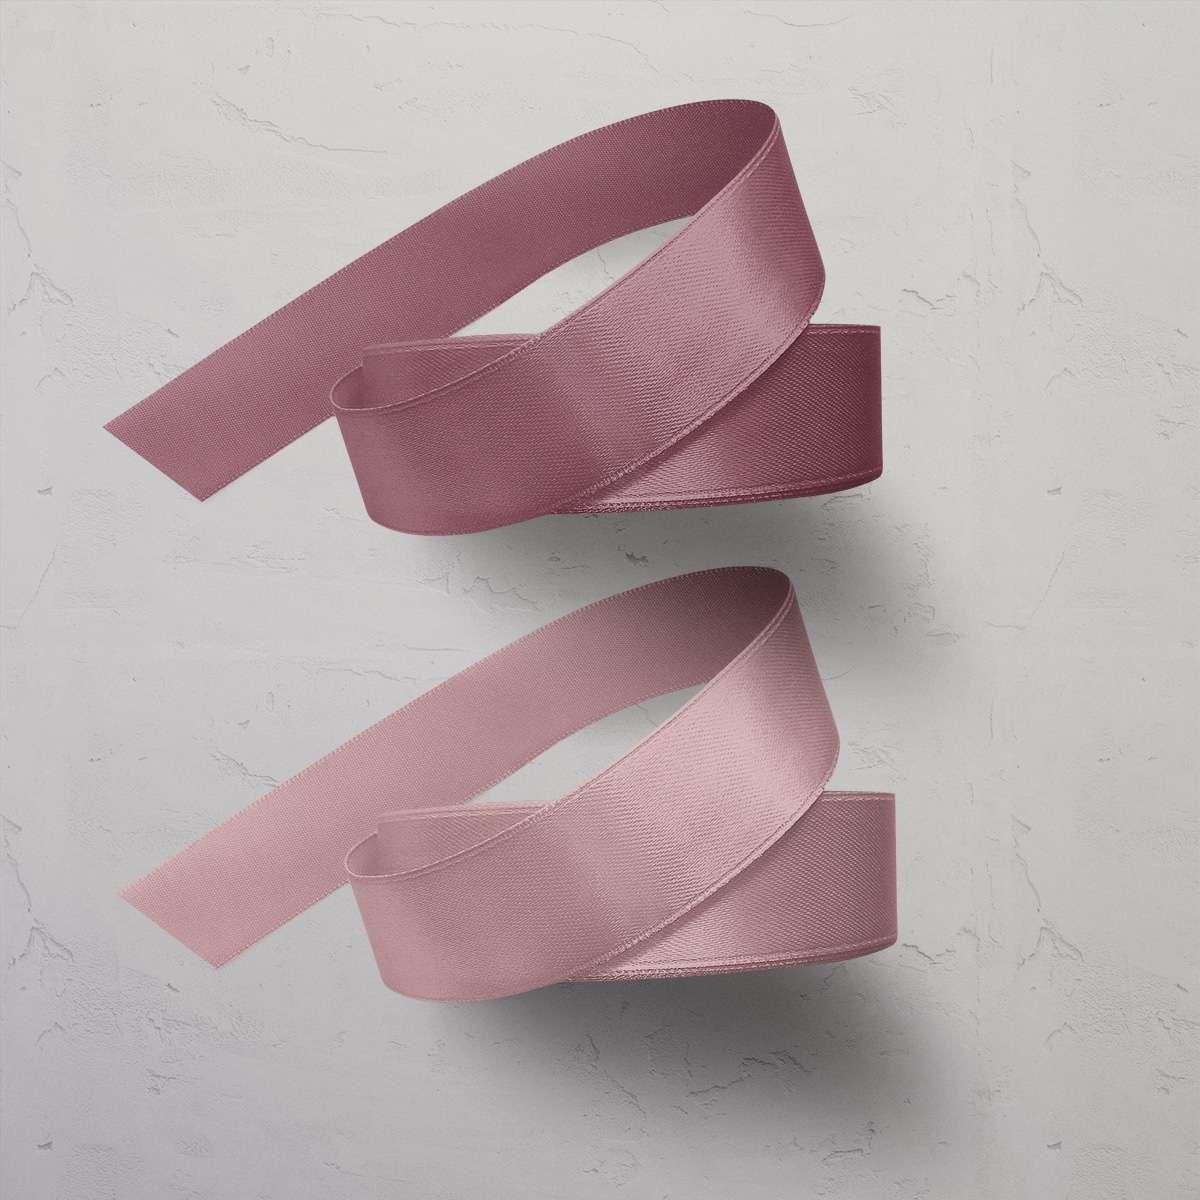 Satinbånd Rosa, pink og lilla nuancer til bryllupsinvitation 100% kvalitets polyester satinbånd i farverne: støvet rosa og mørk rosa